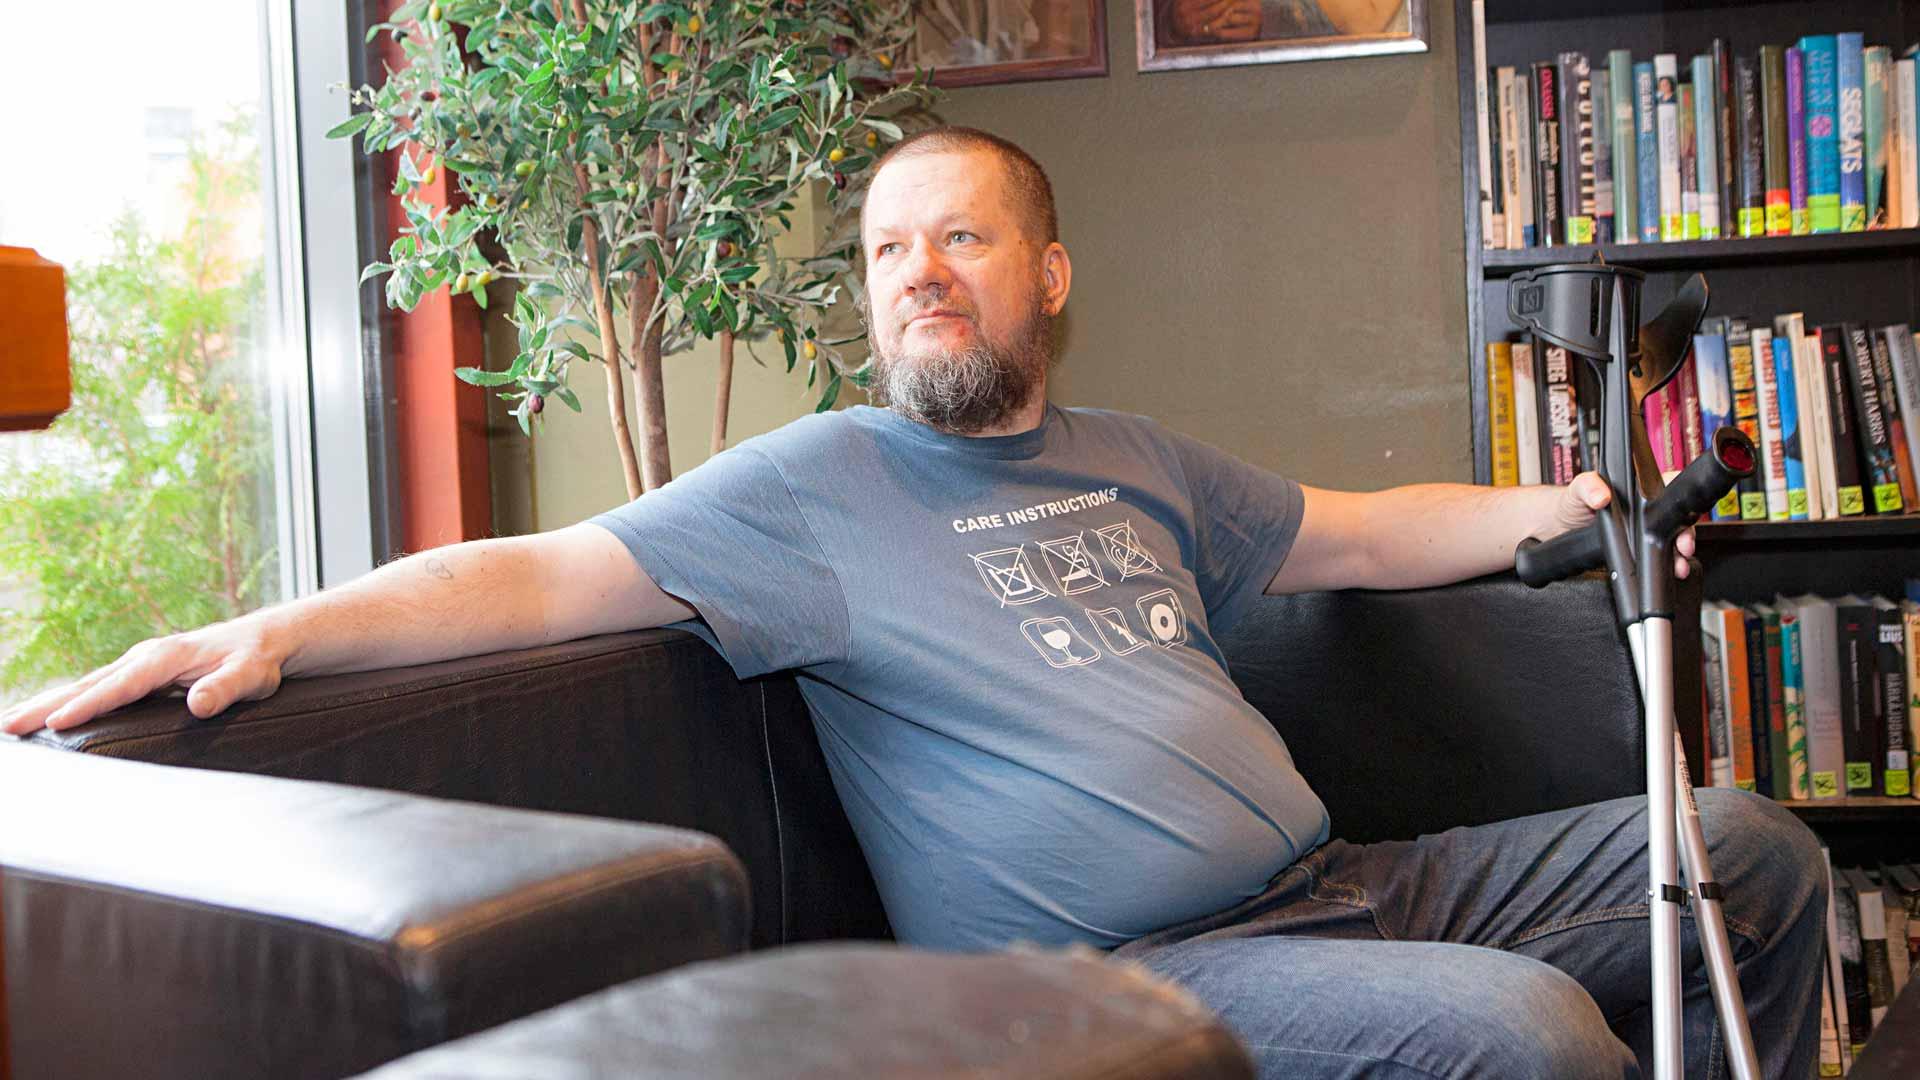 """""""Diabetes-haavan aiheuttamat terveysongelmat toivat minulle myös paljon hyvää – terveempien elämäntapojen lisäksi sain kosolti uutta materiaalia stand up -keikoille"""", Risto K. Järvinen kertoo."""